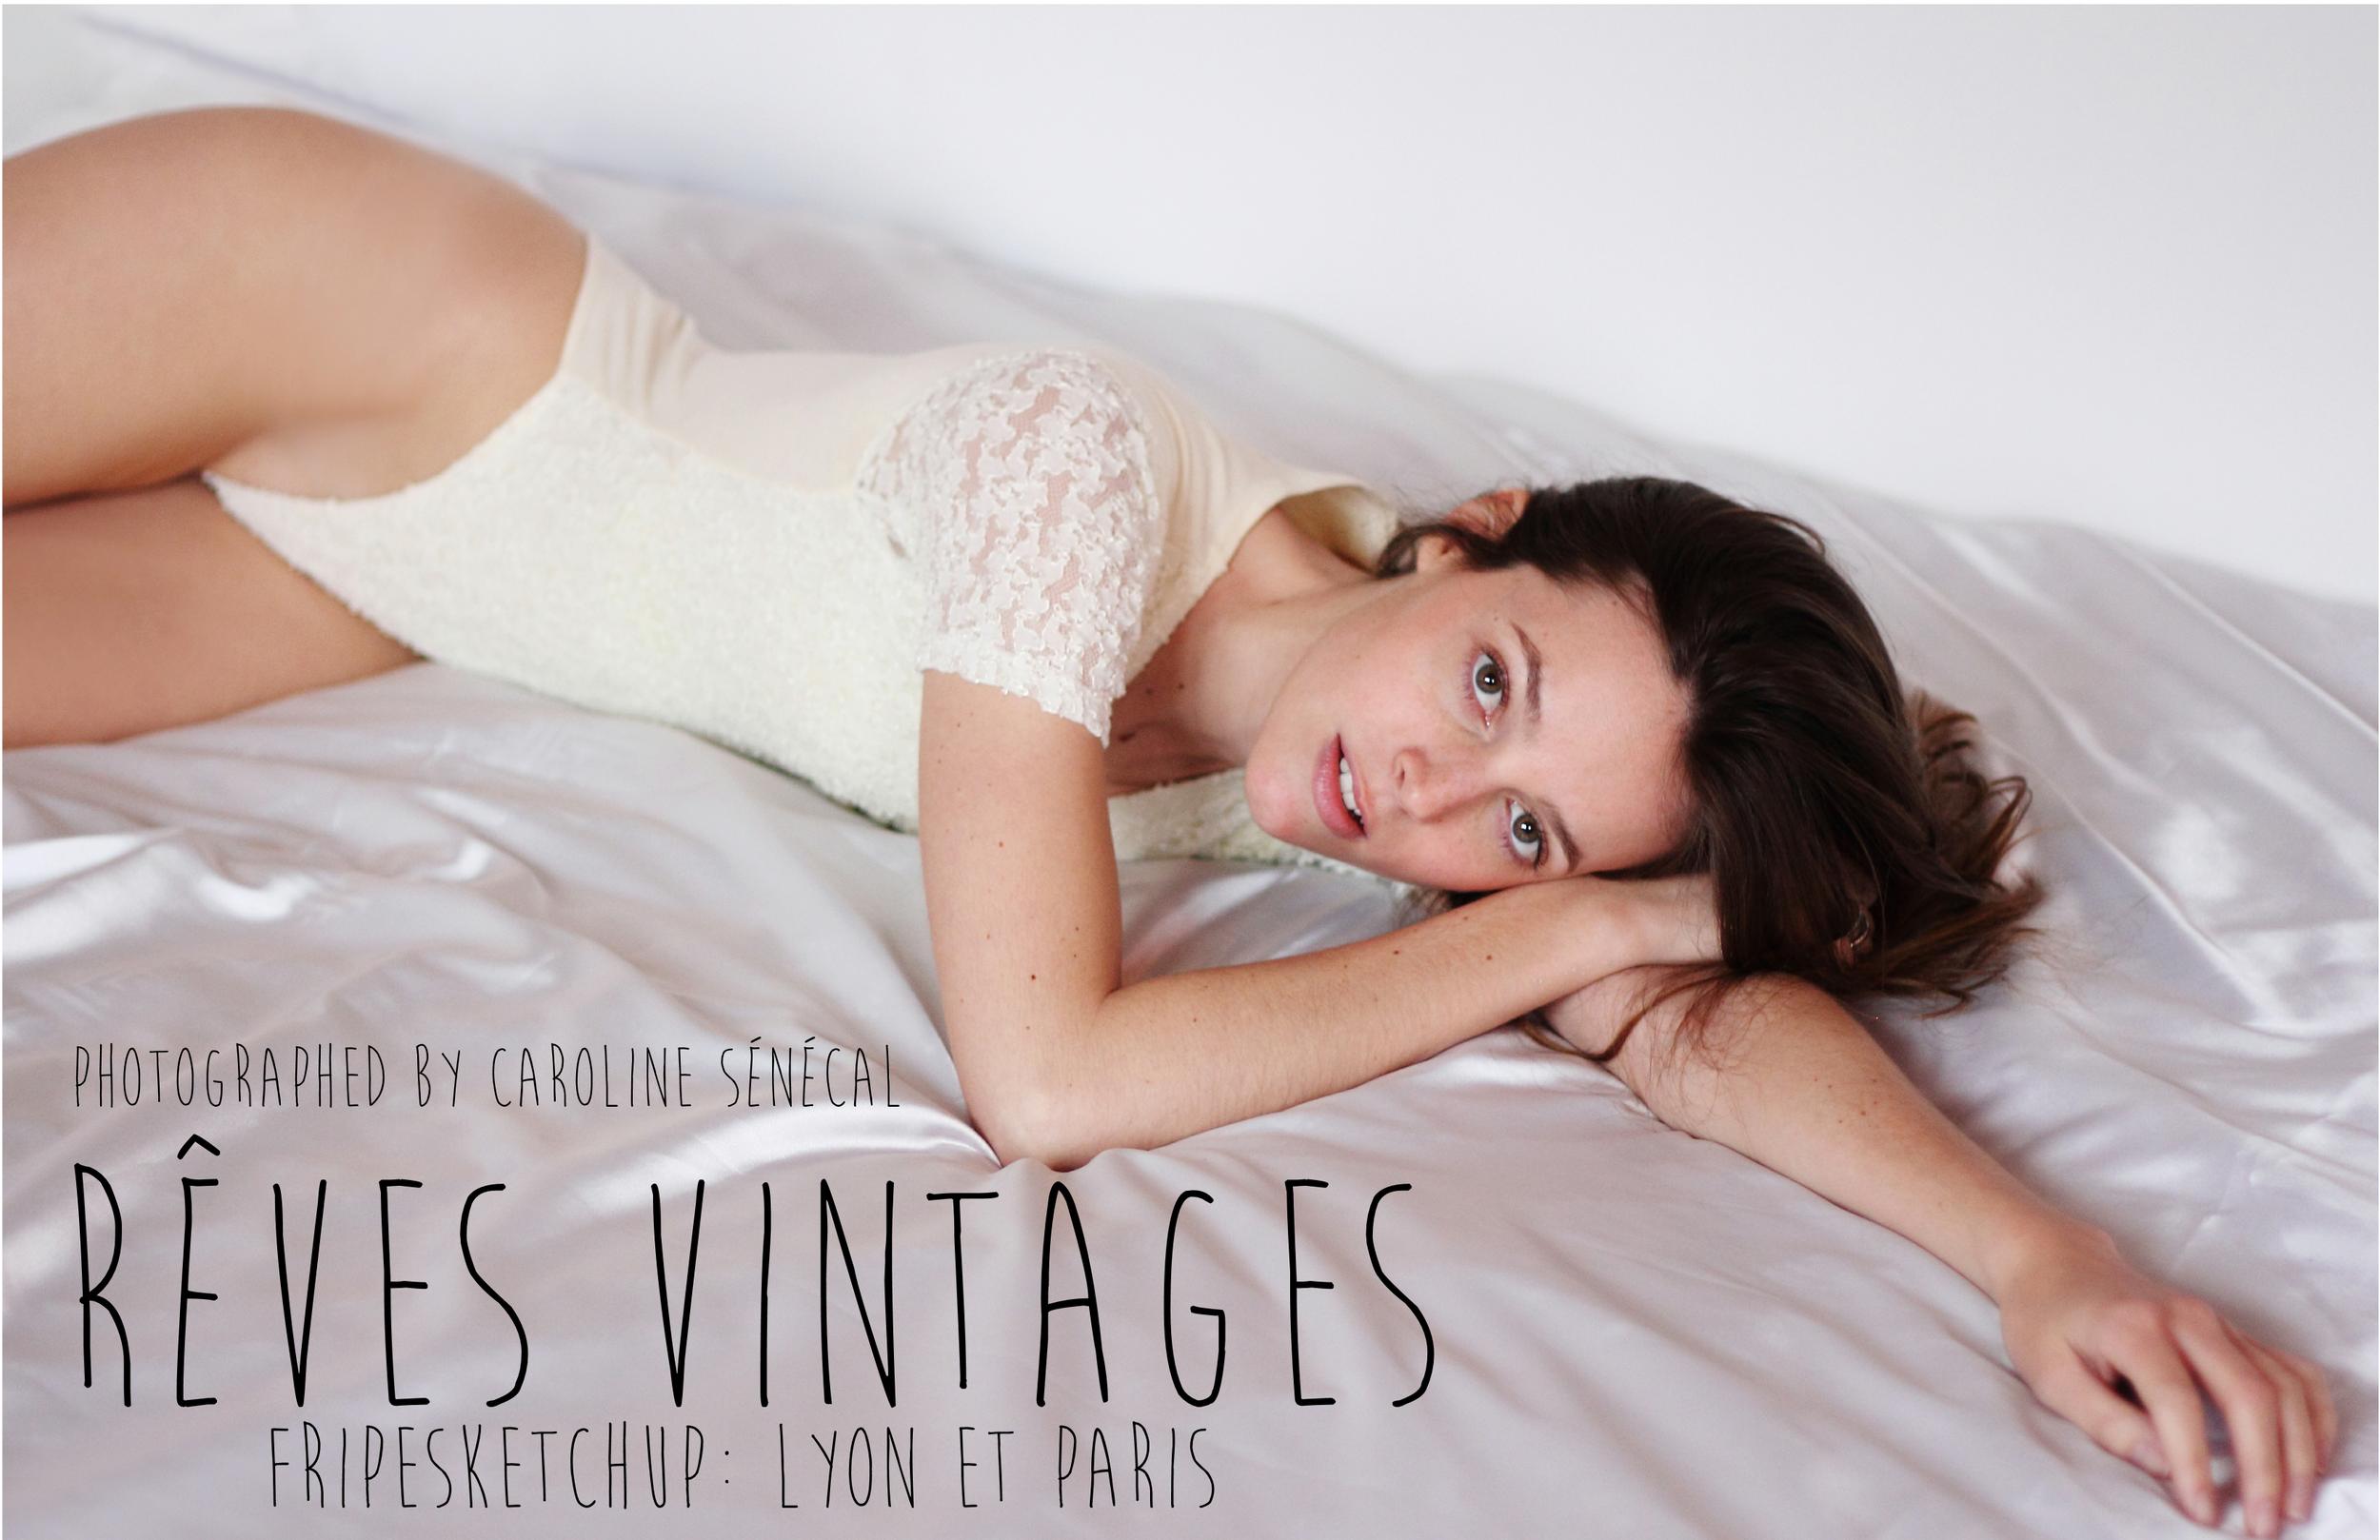 rêves vintages - photographed by Caroline Sénécal for Florum Fashion Magazine - Vintage Fashion - VIP Models France - Marion Serreau - Fripesketchup - Lyon et Paris